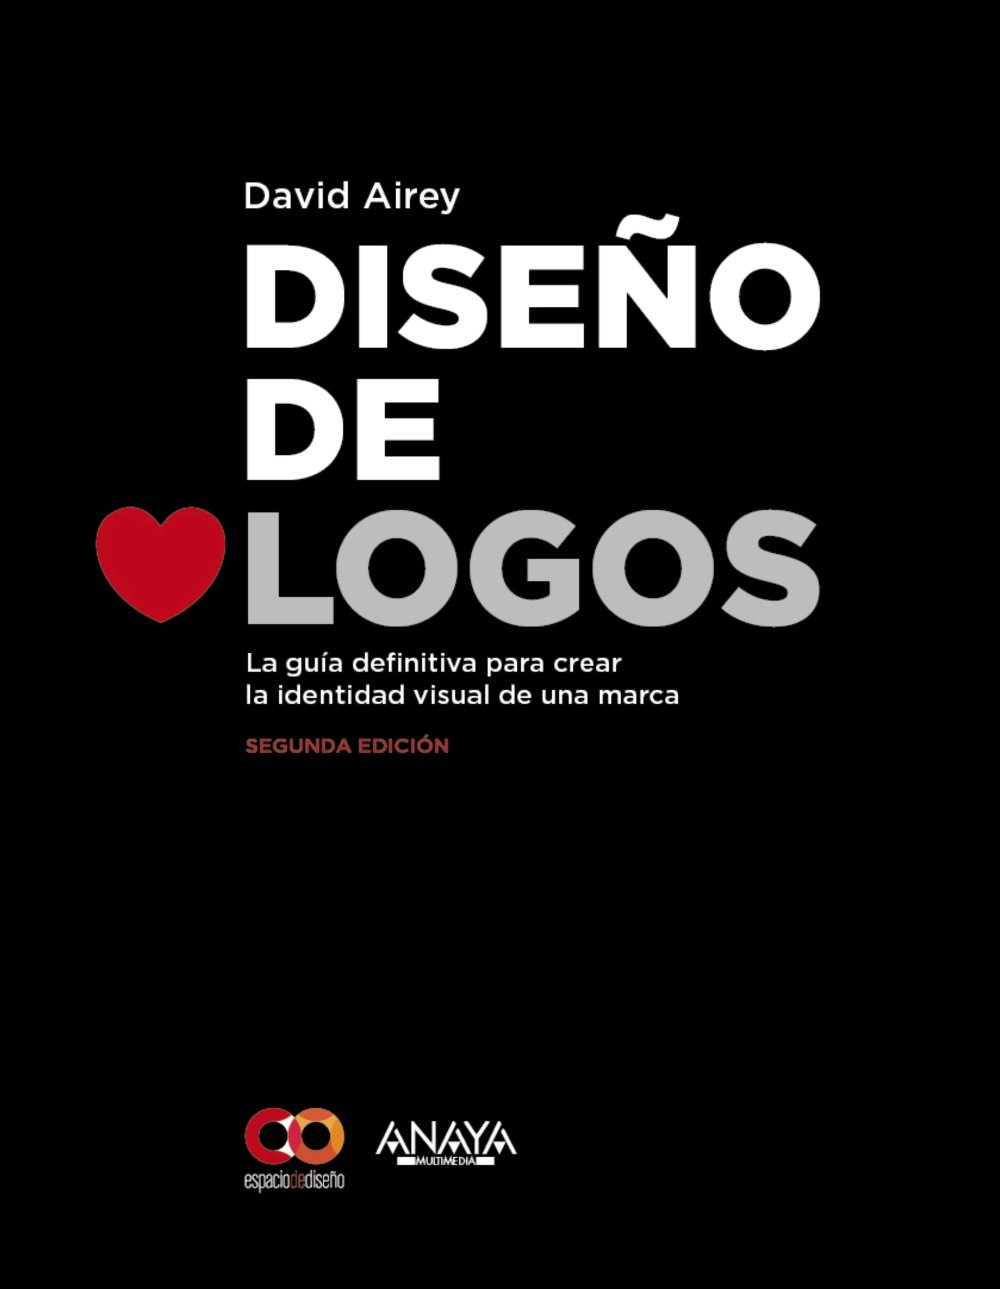 El libro Diseño de Logos es una guía para crear una identidad gráfica que te dice como crear el emblema que representará tu marca y todo sus valores.